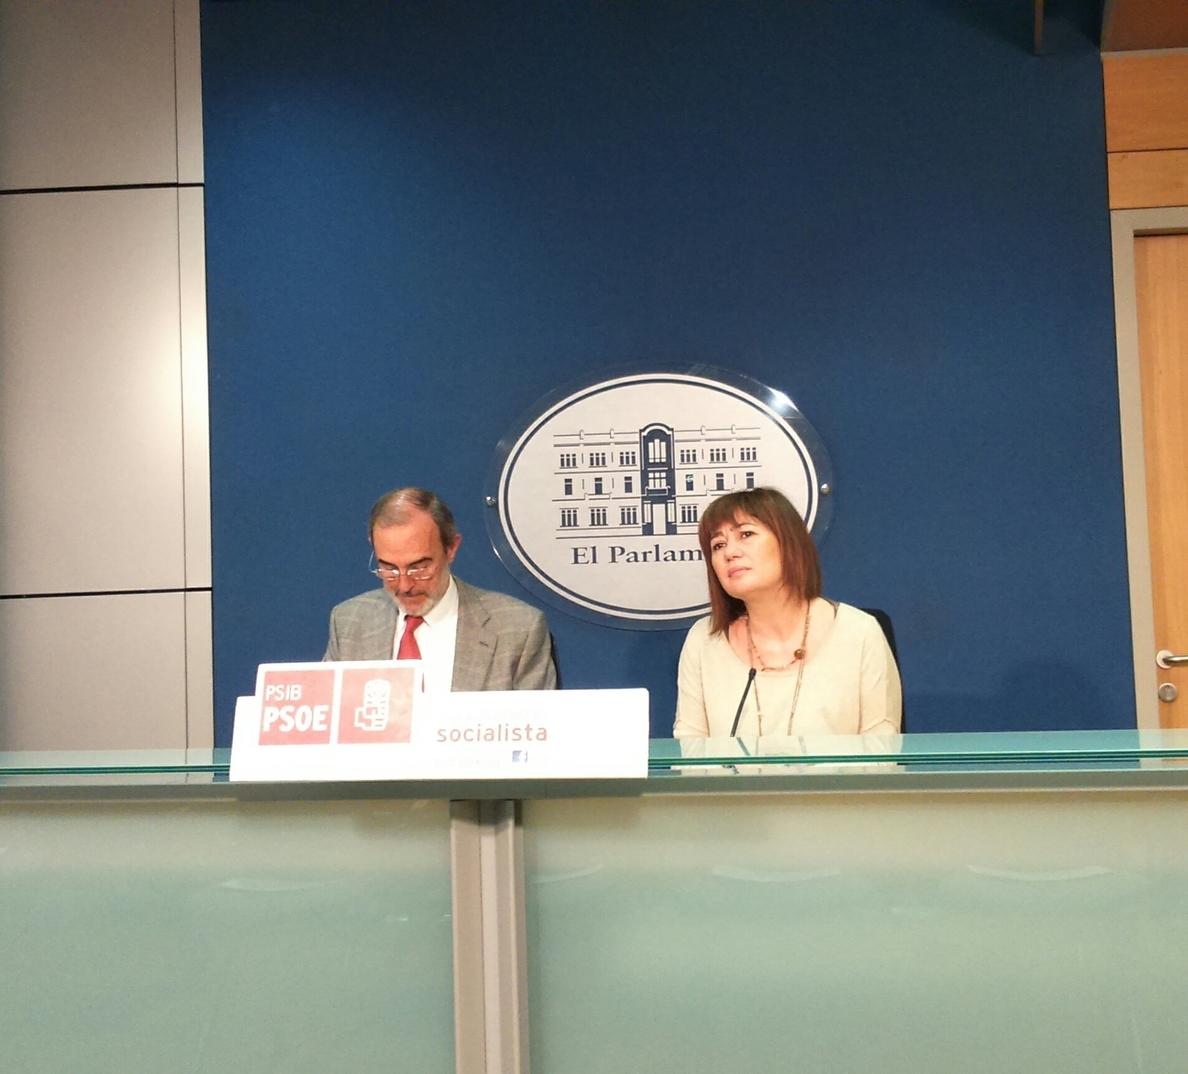 PSOE balear, ante posibles pactos, dice que «no hay nada cerrado» y que el PP renunció a sus siglas en Formentera